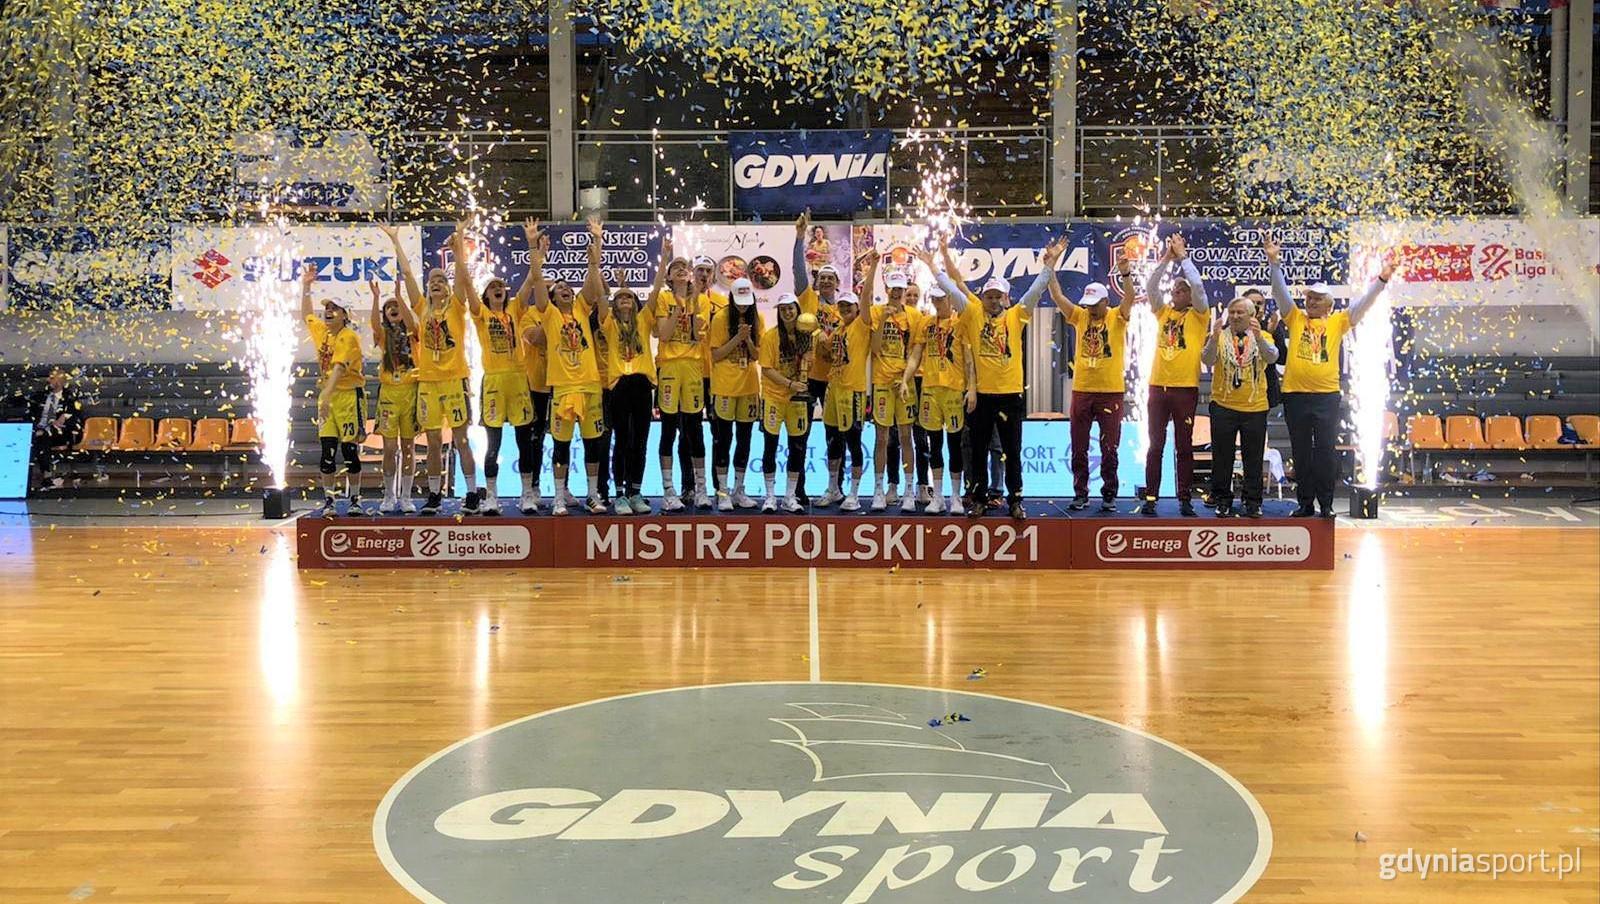 Koszykarki VBW Arki Gdynia świętują triumf w mistrzostwach Polski kobiet // fot. gdyniasport.pl